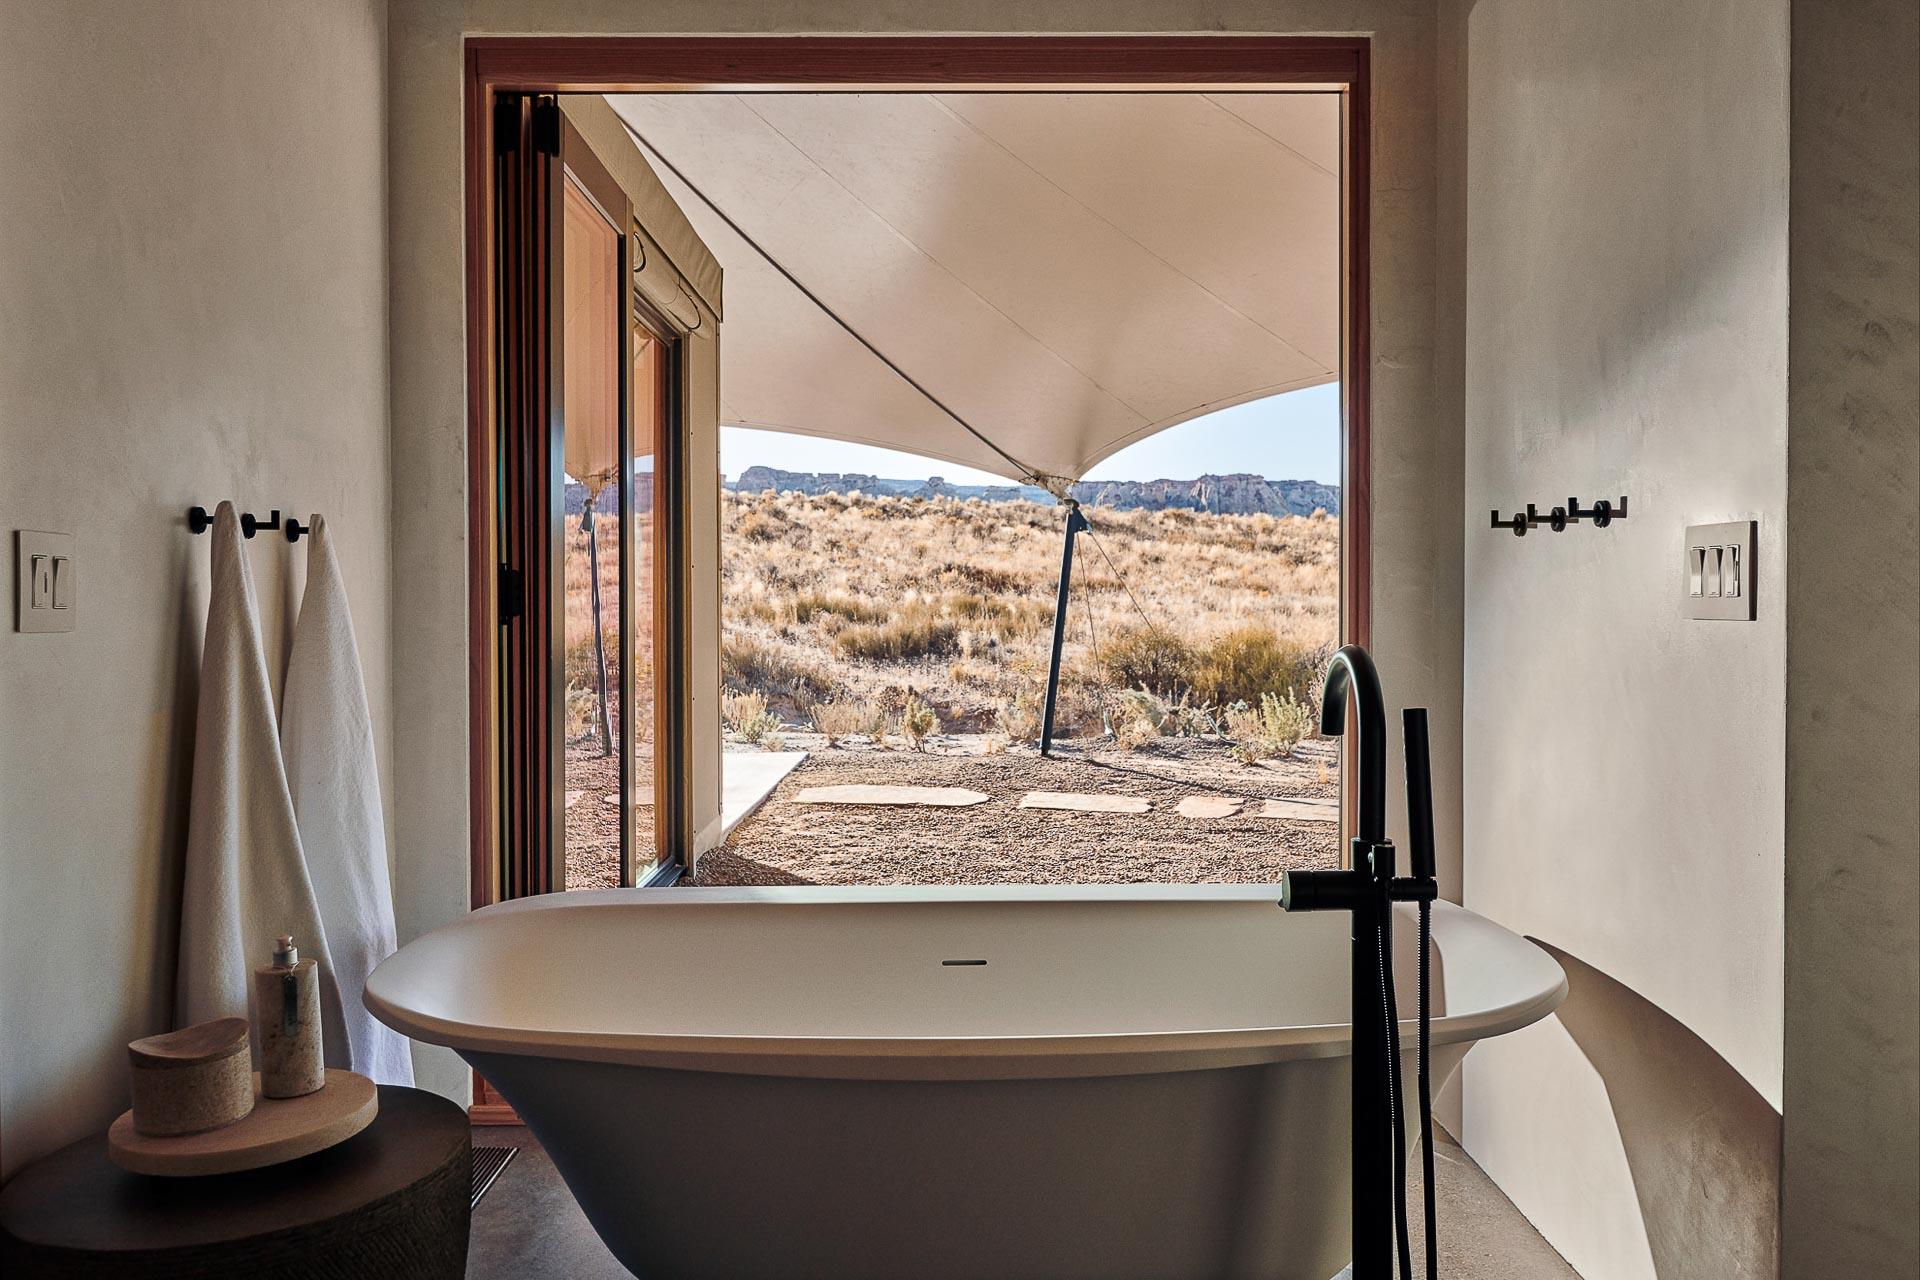 Alors que l'Amangiri, peut-être l'hôtel le plus iconique d'Aman dans le désert de l'Utah, s'apprête à célébrer son dixième anniversaire, une extension